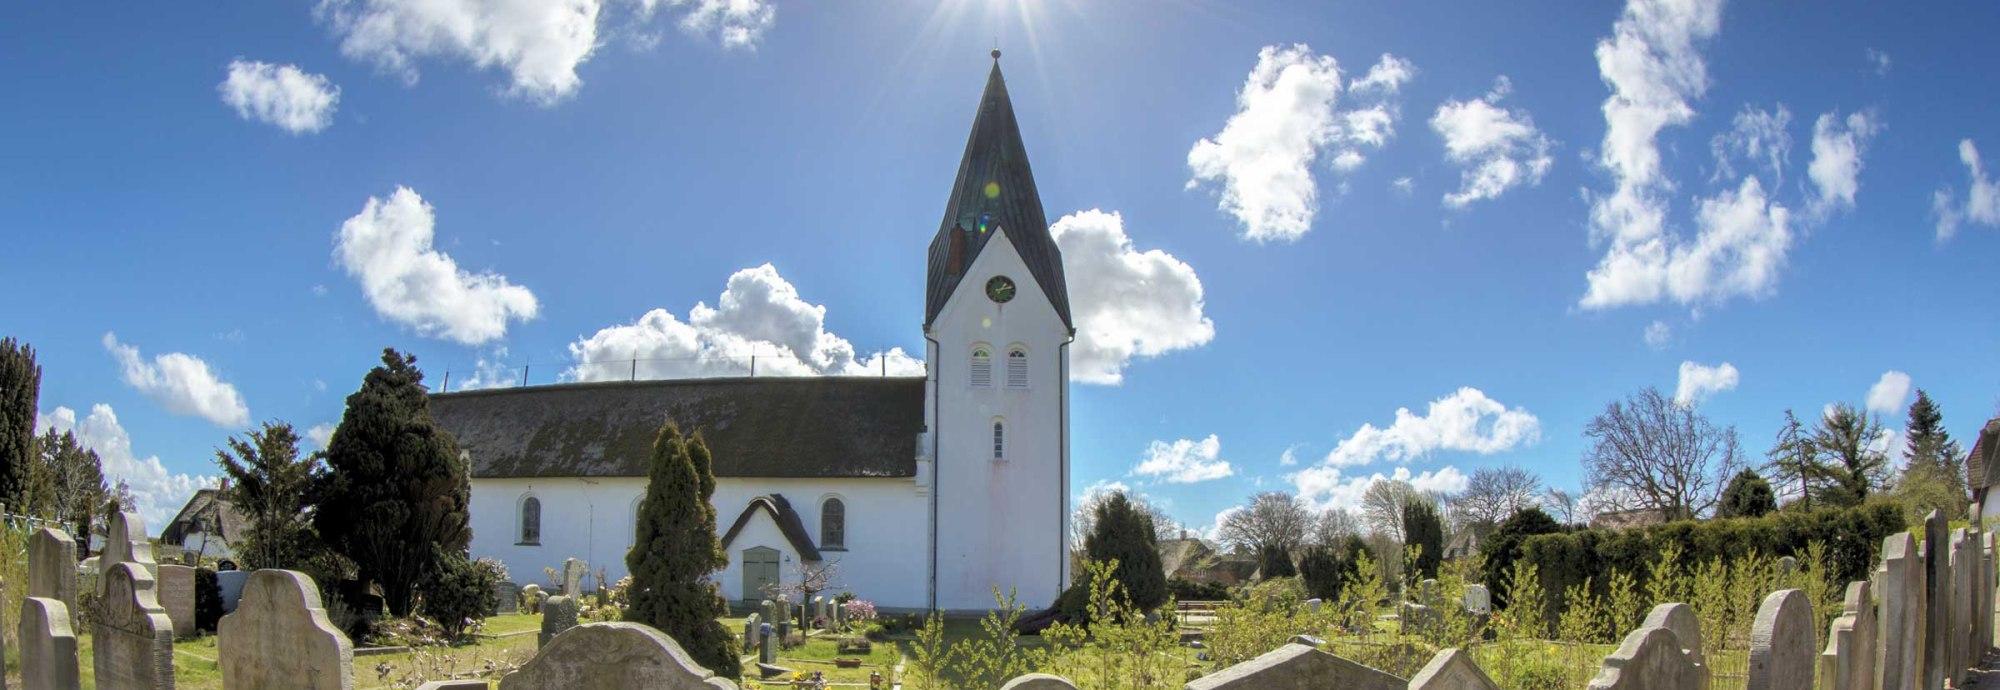 St. Clemens-Kirche Amrum, © Ralf Urbschat